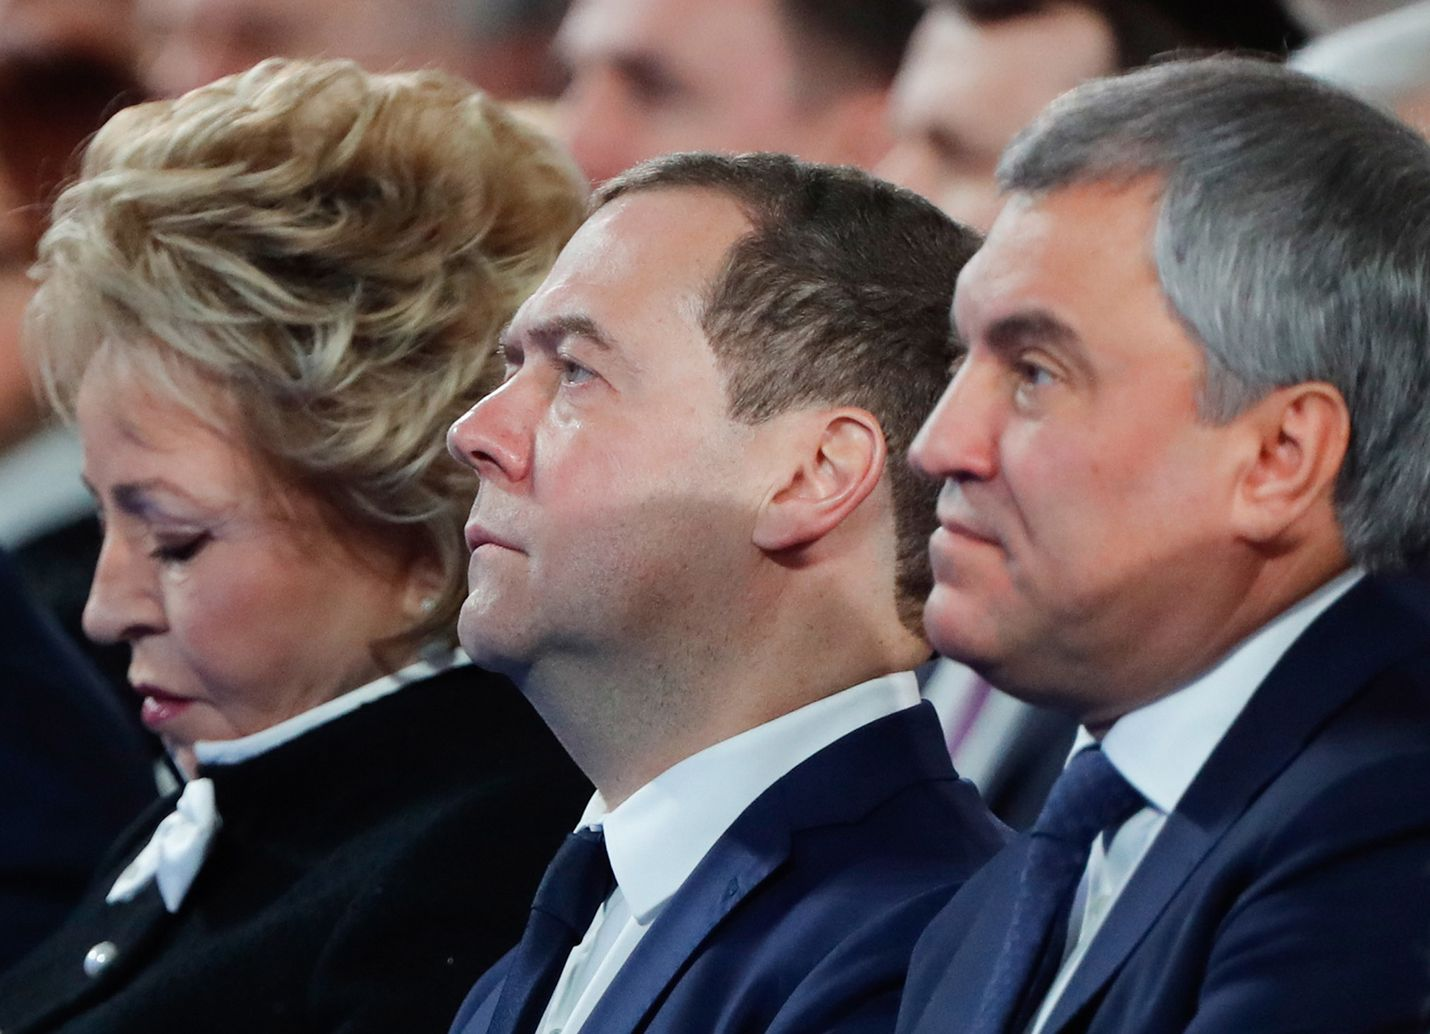 Pääministeri Dmitri Medvedev kuunteli Moskovan Maneesissa presidentti Vladimir Putinin puhetta aiemmin päivällä. Vasemmalla on liittoneuvoston johtaja Valentina Matvijenko ja duuman puhemies Vjatsheslav Volodin. Kaikki ovat Putin-lojalisteja.